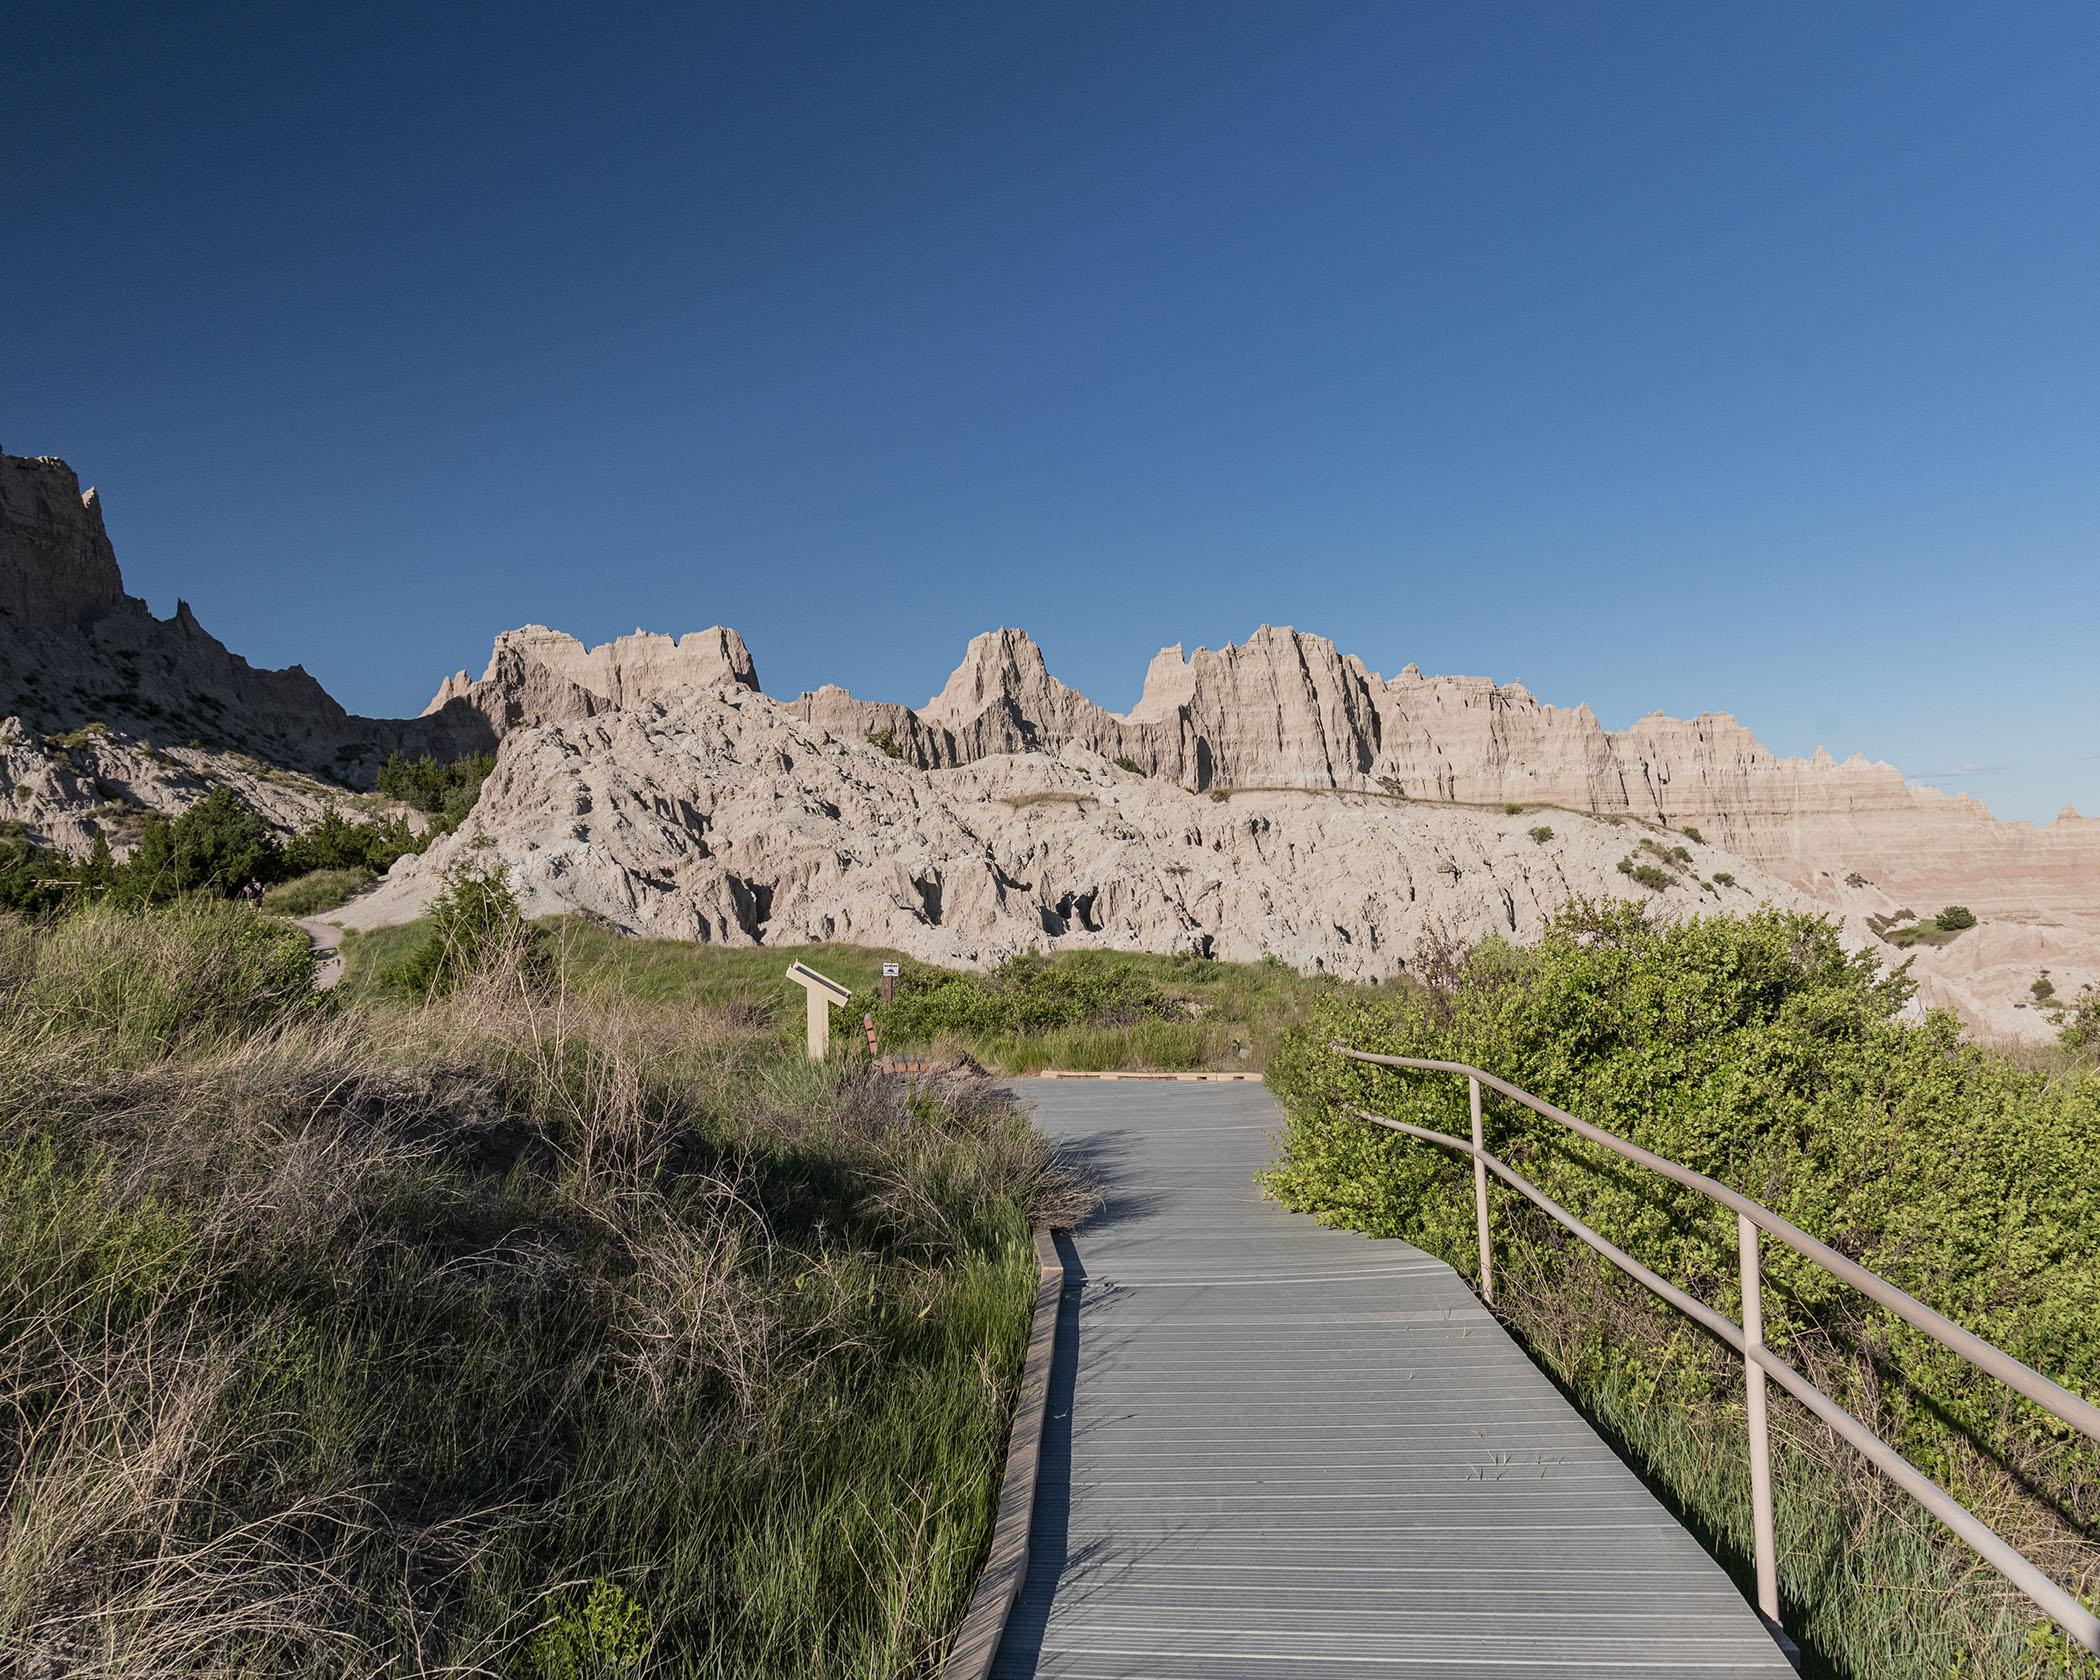 Badlands National Park Cliff Shelf Trail Boardwalk